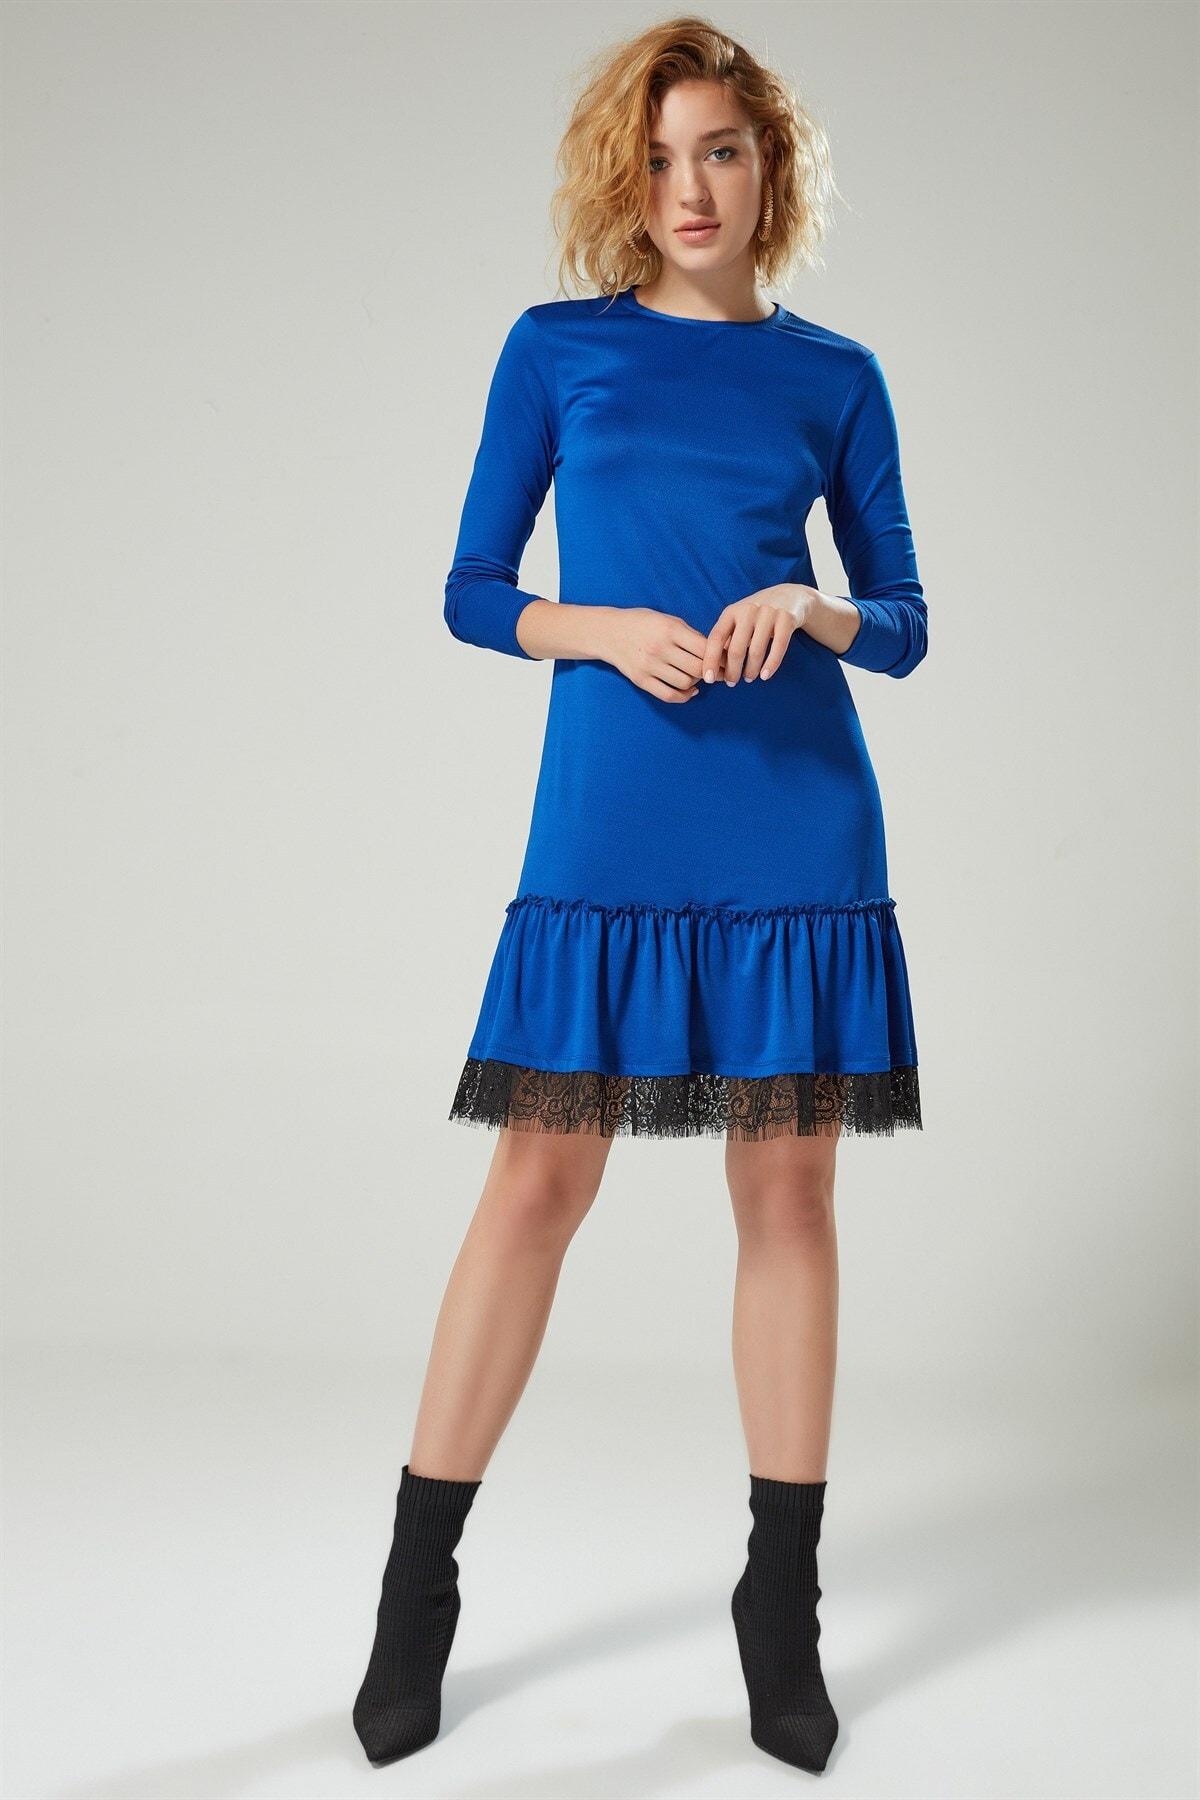 Boutiquen Kadın Saks Mavisi Eteği Büzgülü Dantel Detaylı Elbise 2151